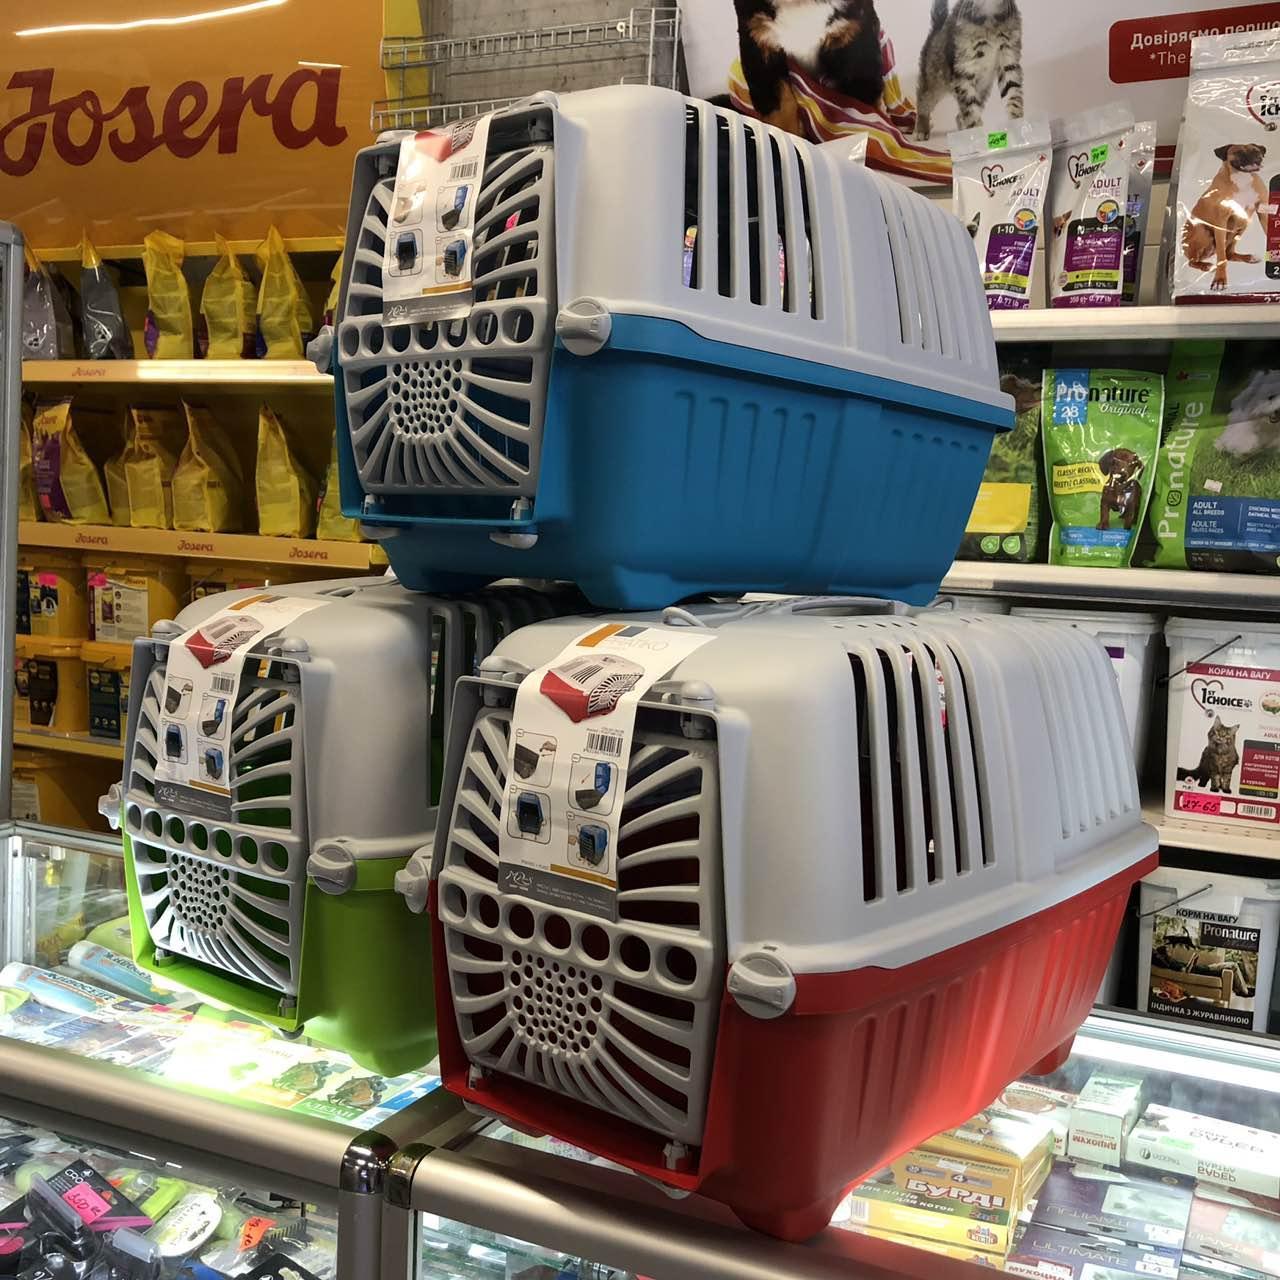 Переноска, контейнер для котов и собак PRATIKO 1 plast. 48*31.5*33 h